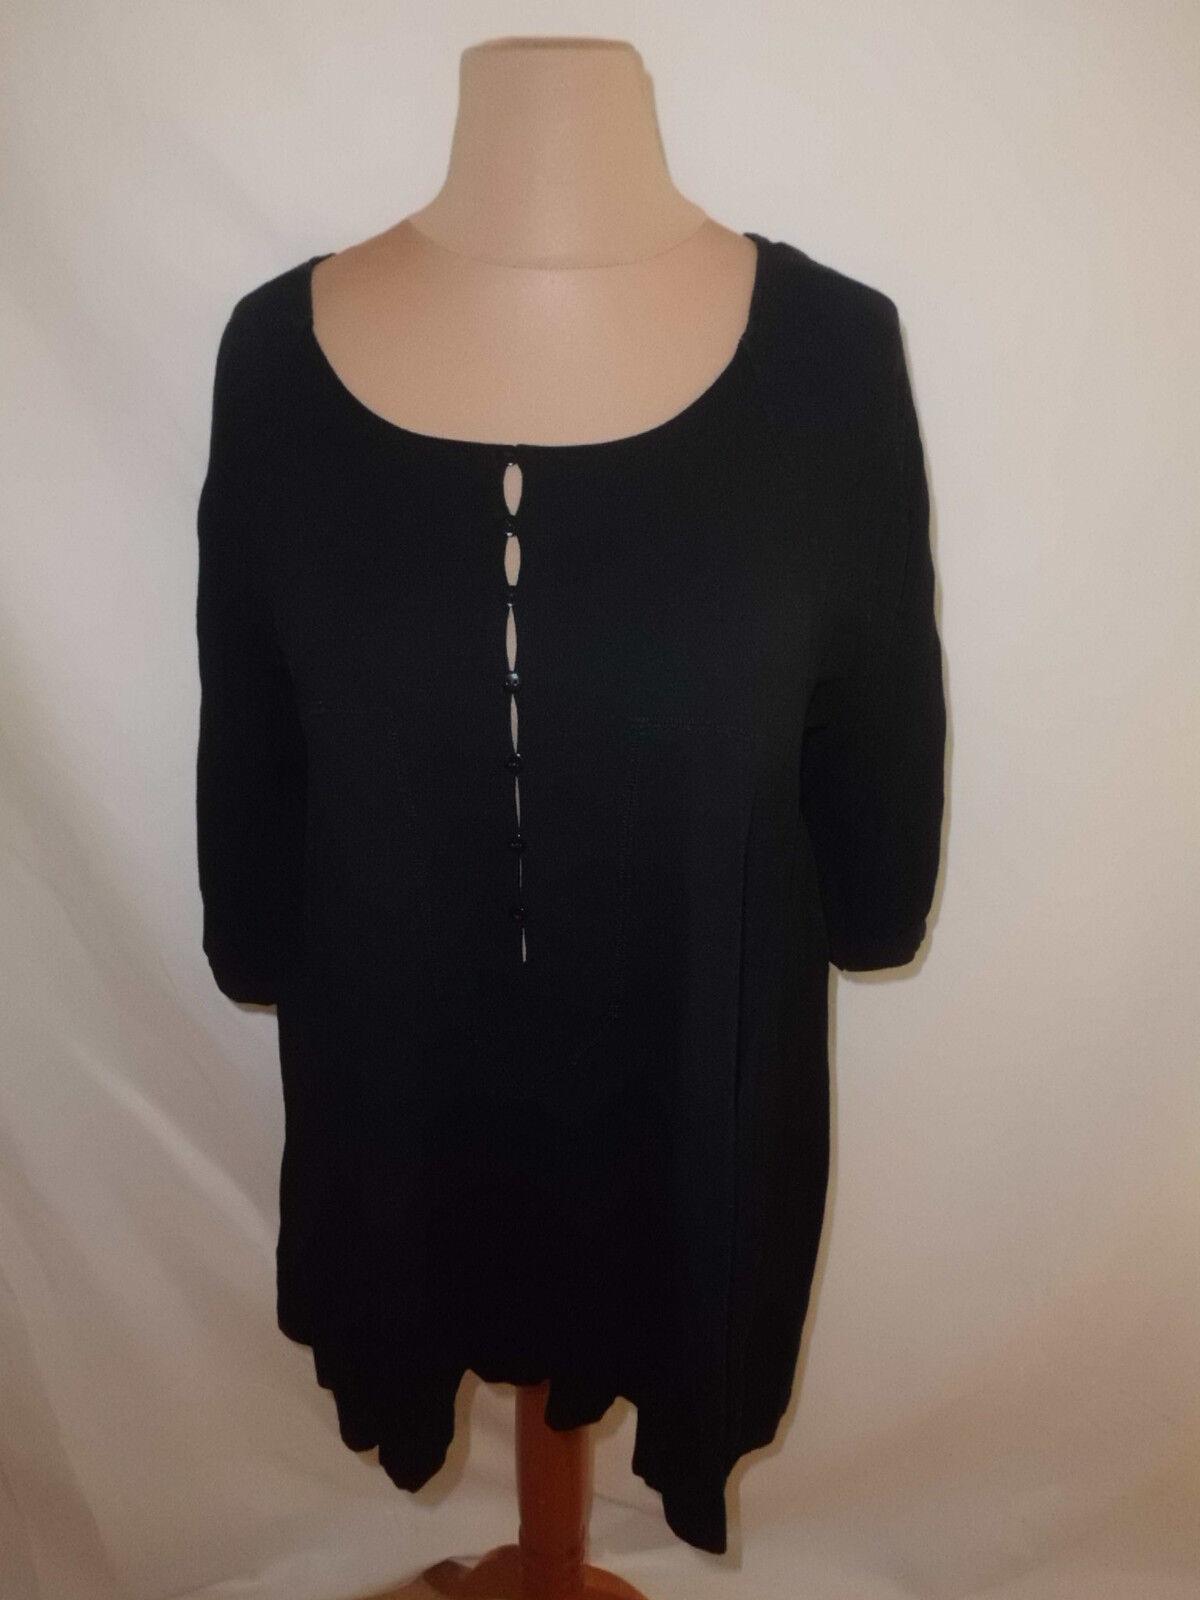 Kleid Marlbgold Classics black Größe l - 62%